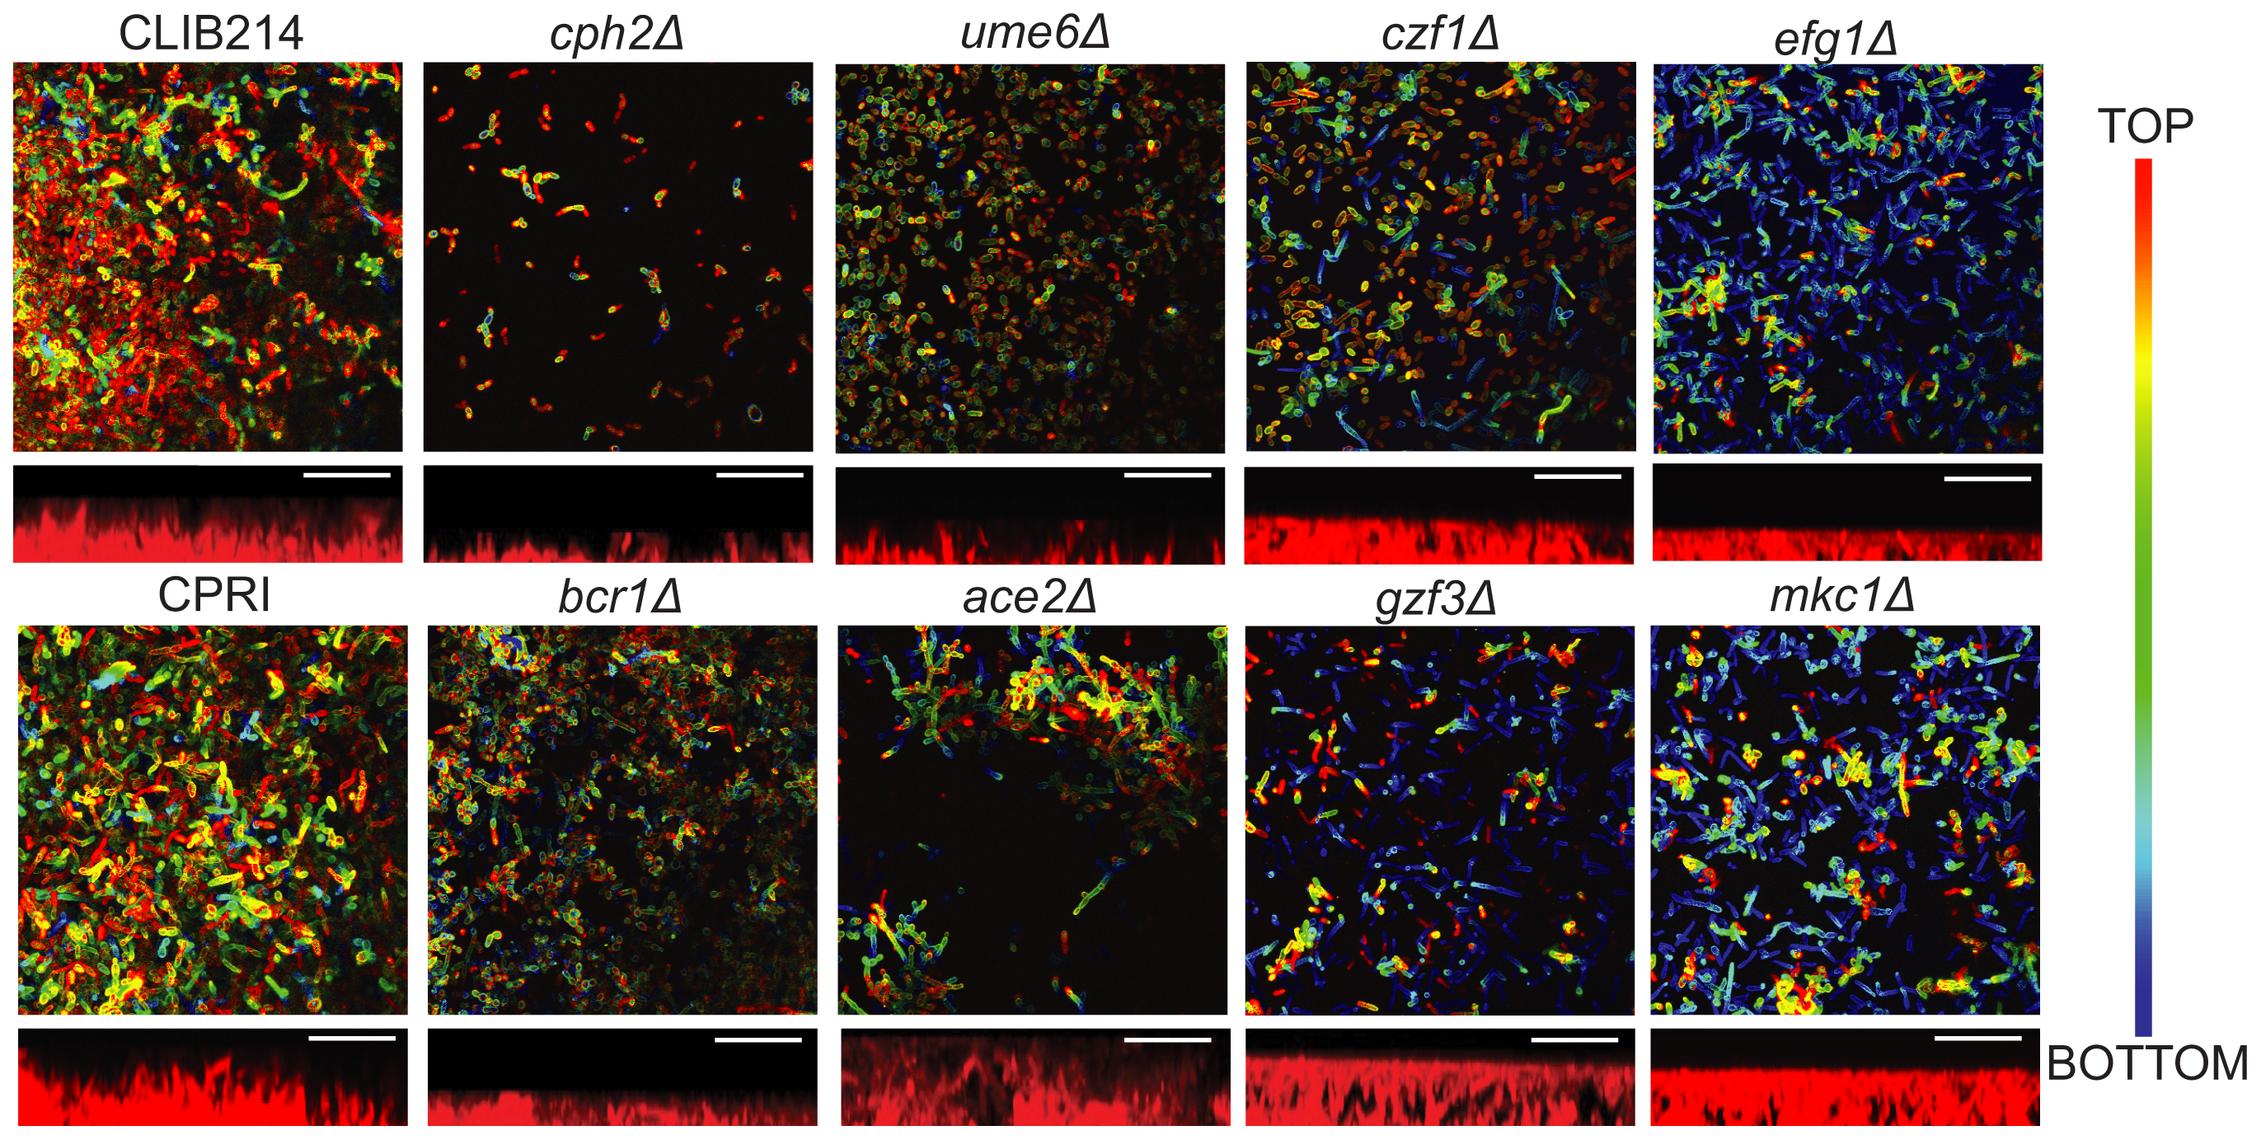 Deleting regulators alters biofilm structure of <i>C. parapsilosis</i>.